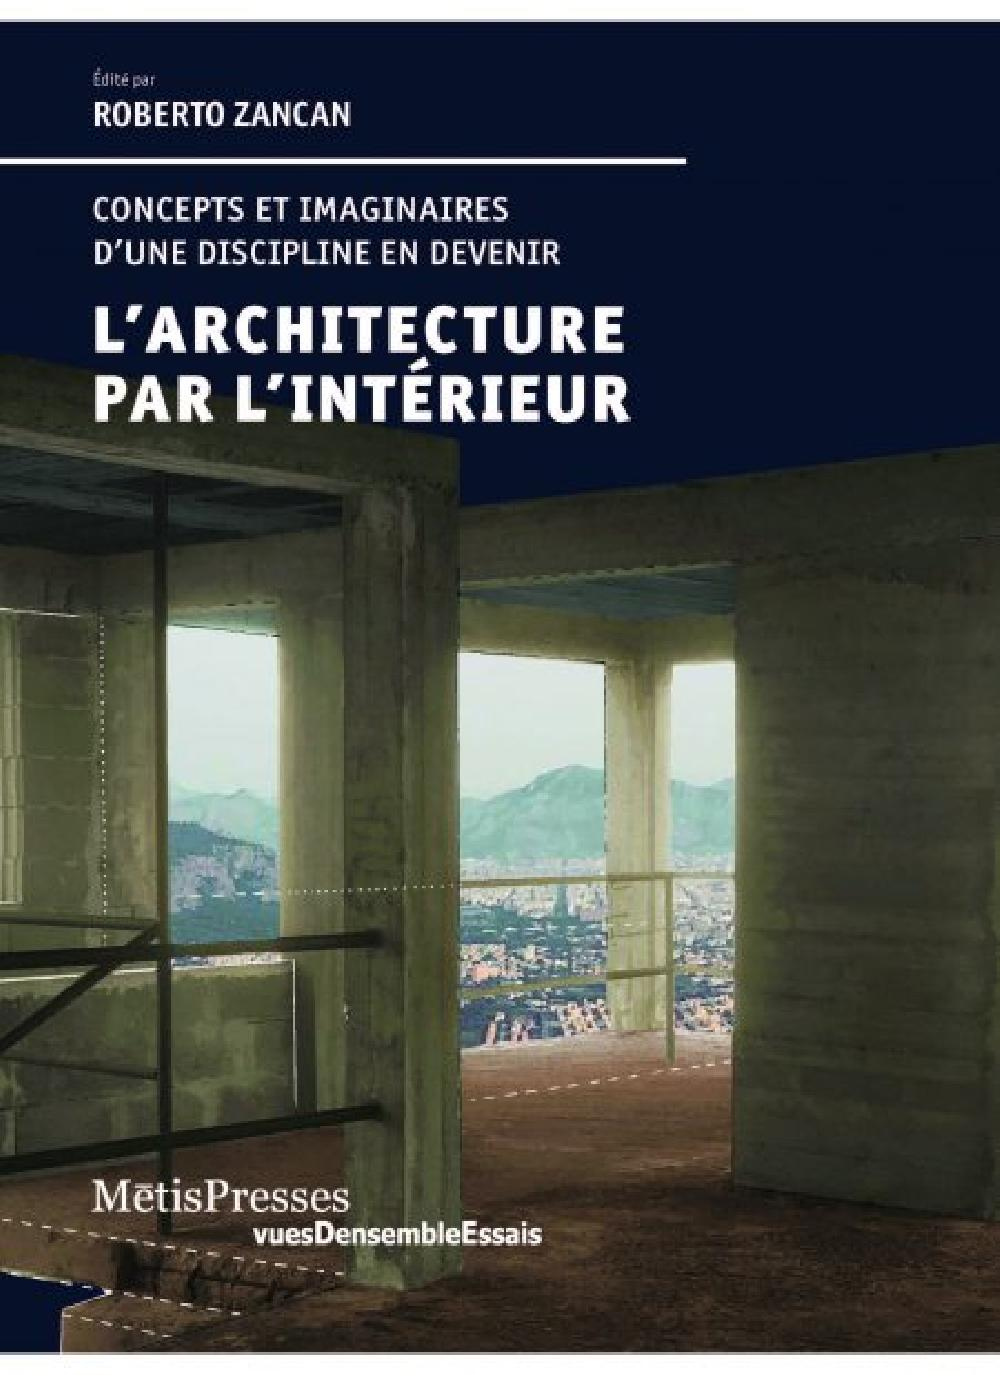 L'architecture par l'intérieur - Concepts et imaginaires d'une discipline en devenir